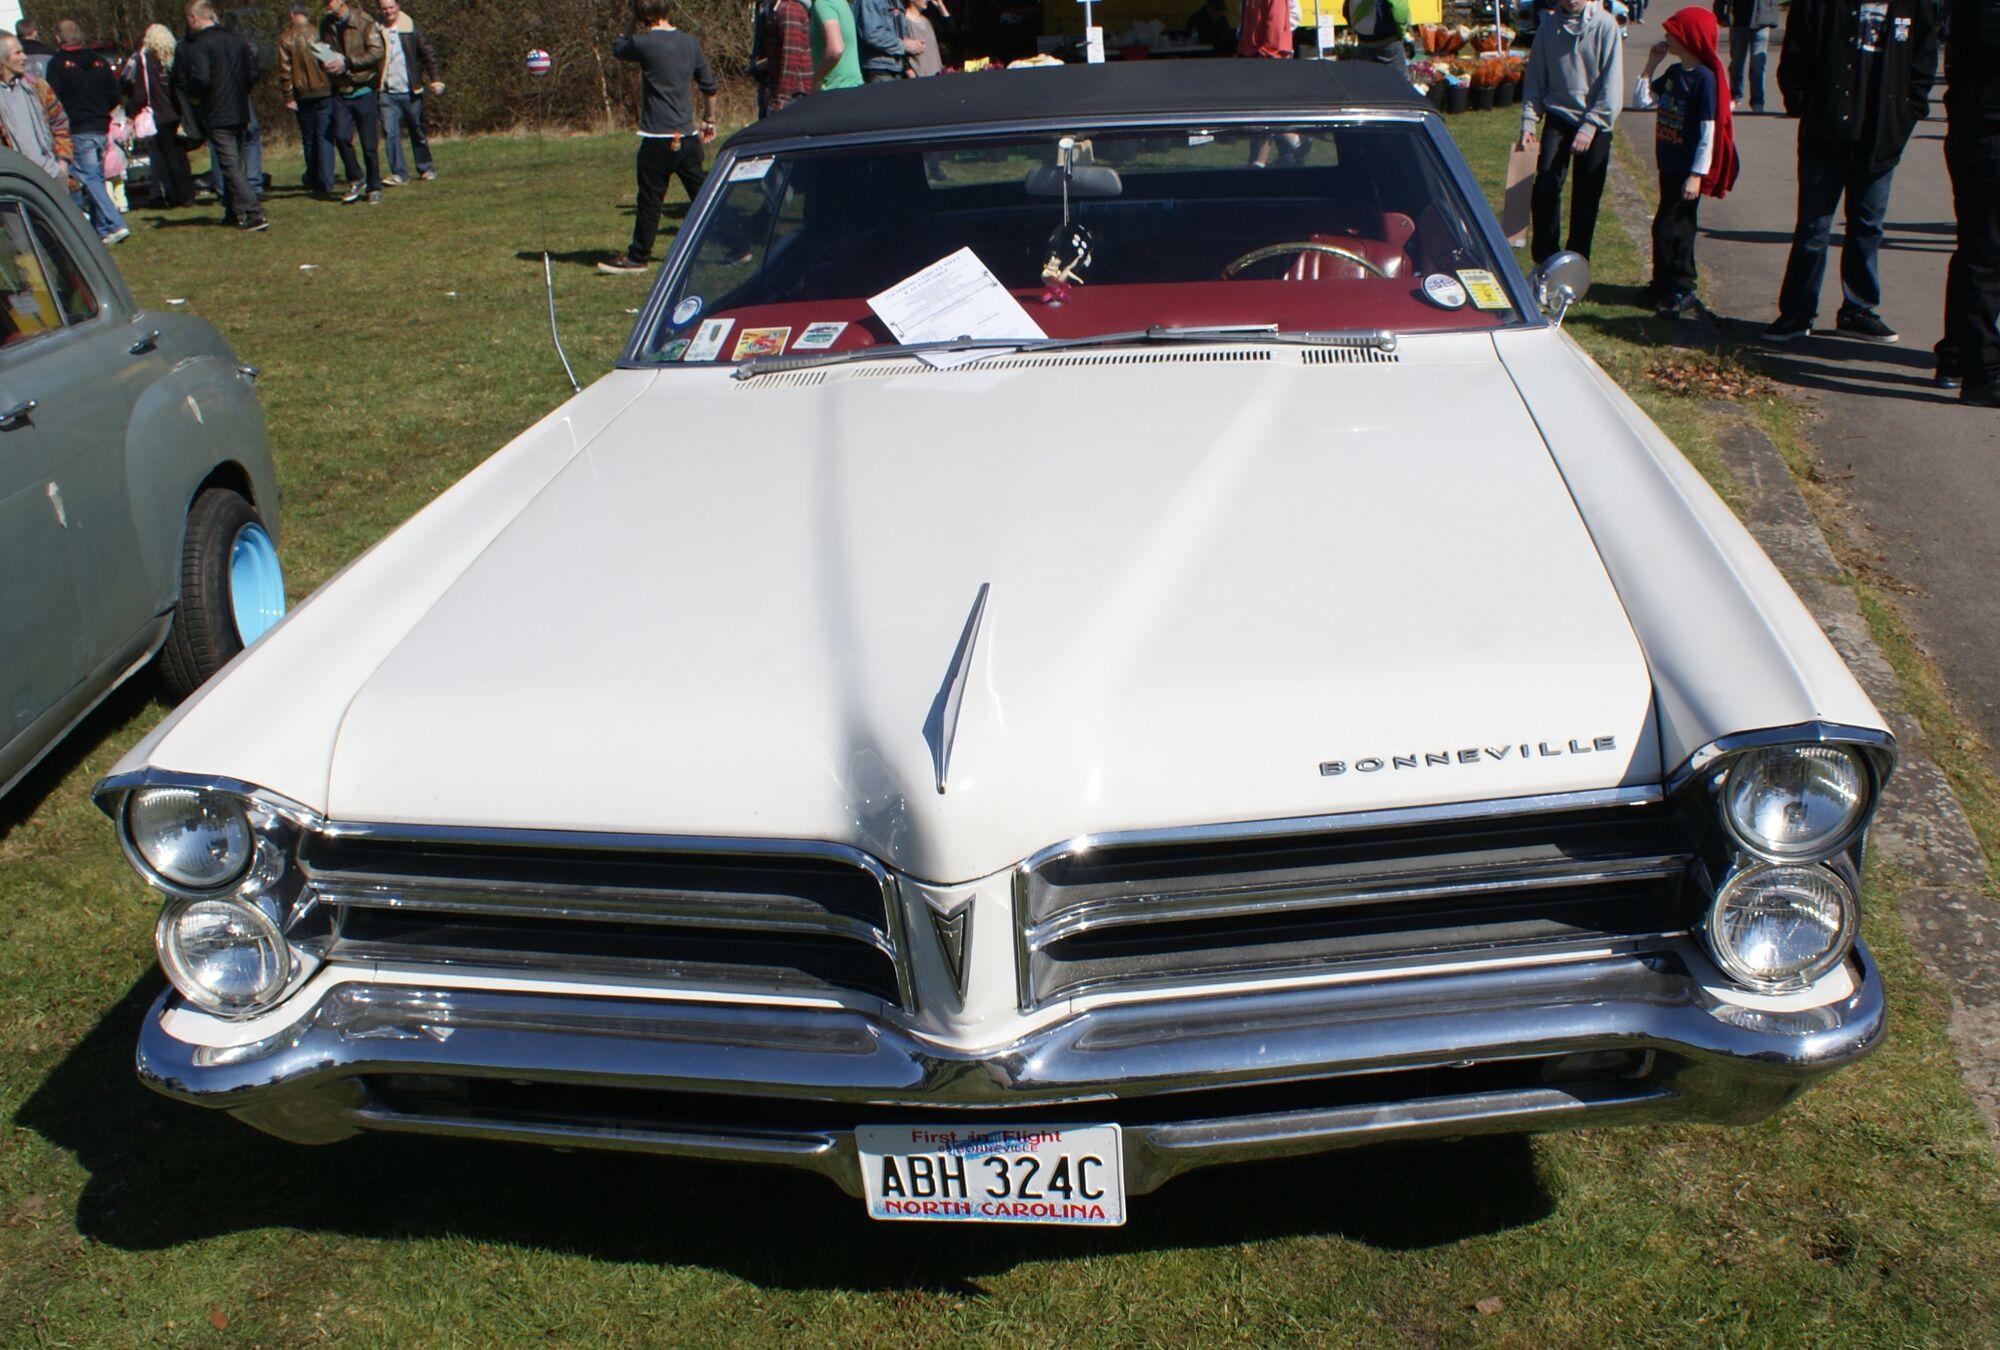 Pontiac Bonneville Classic Cars Wiki Fandom Powered By Wikia 421 Super Duty